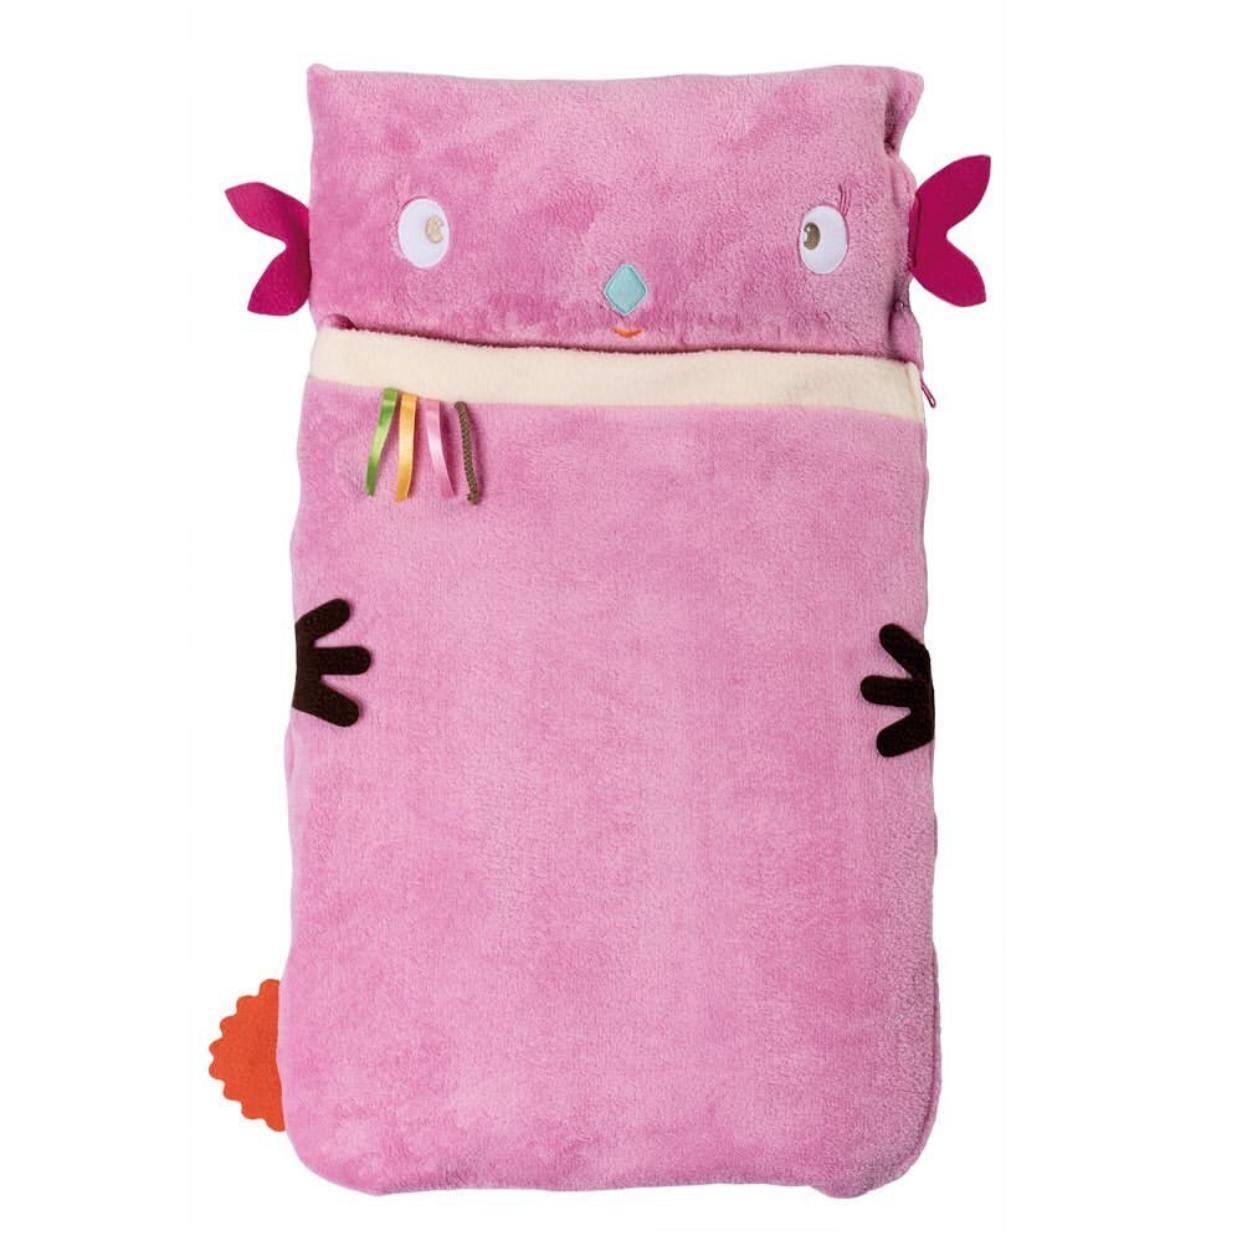 Sleeping bag con almohada rosado